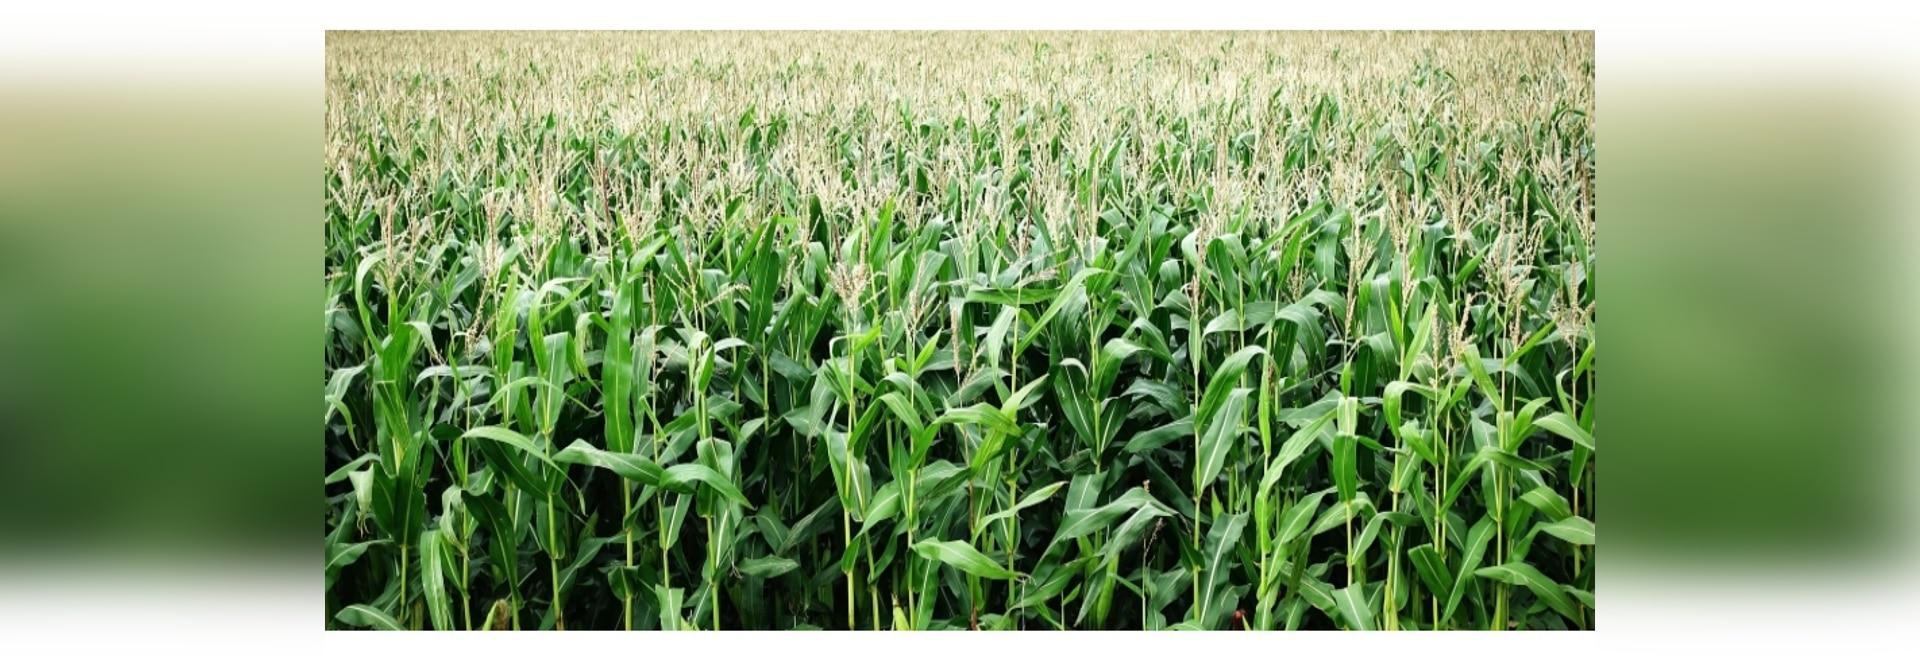 CubeSats help maize farmers optimise fertilizer use